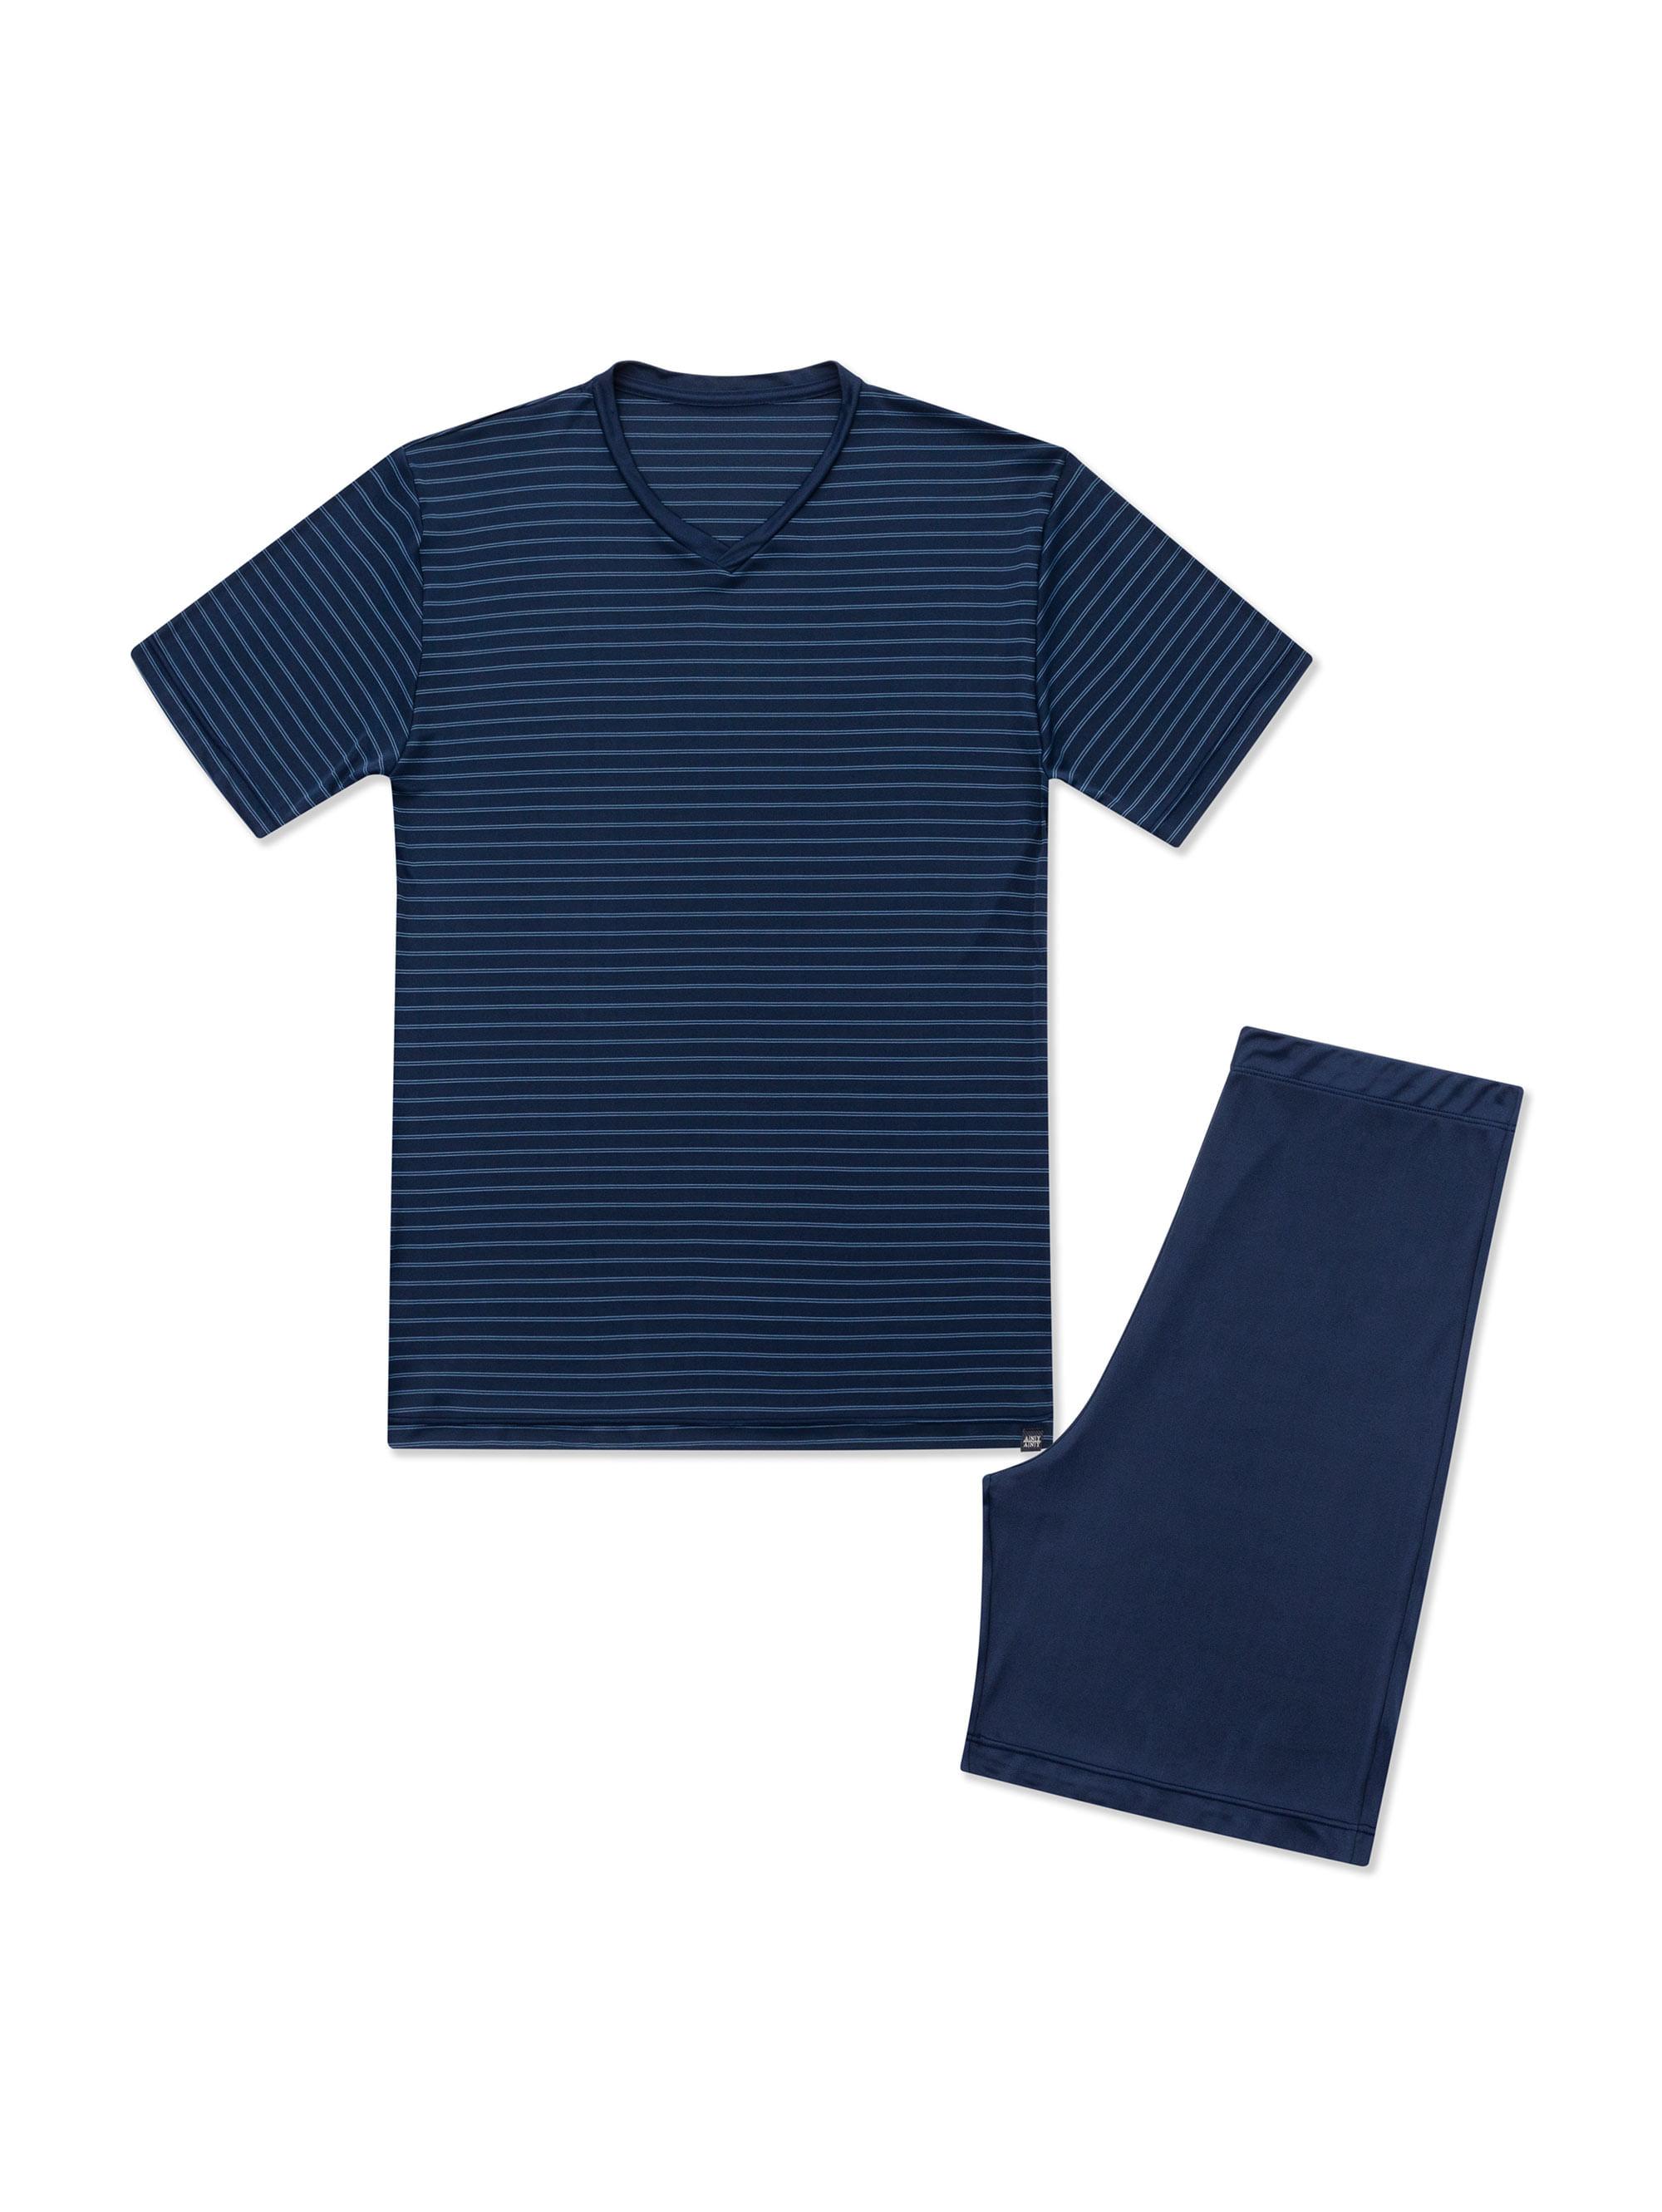 Pijama-Curta---Manga-Curta--M---HUELO-BLUE--04.02.0773---verso